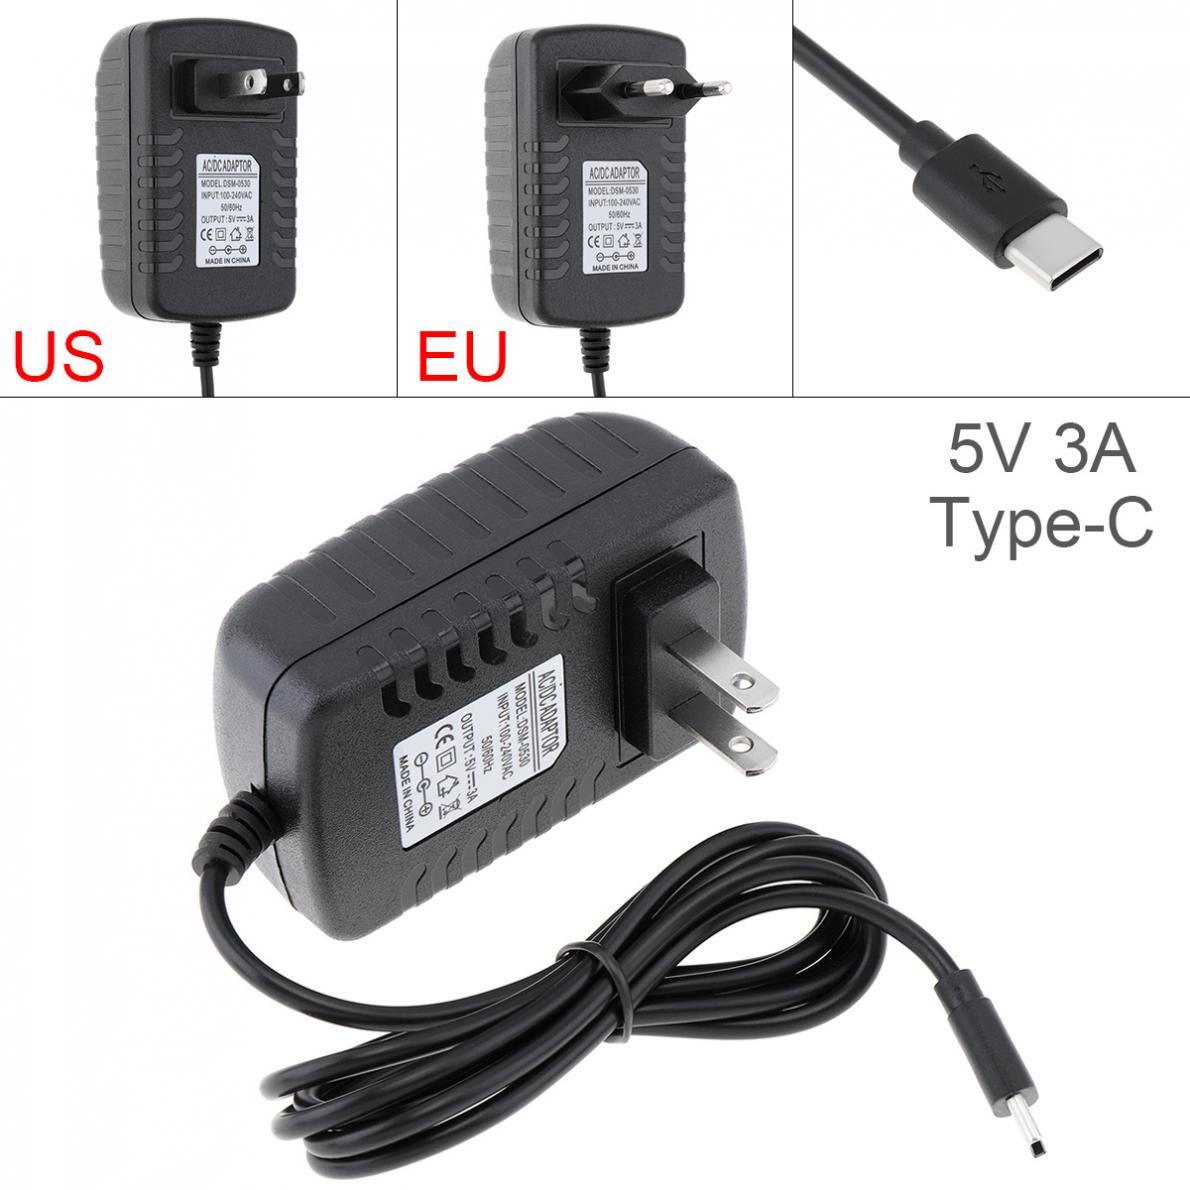 5 v 3a adaptador de energia carregador conversor carregador do telefone móvel apto para raspberry pi4 typec usb carregamento de energia